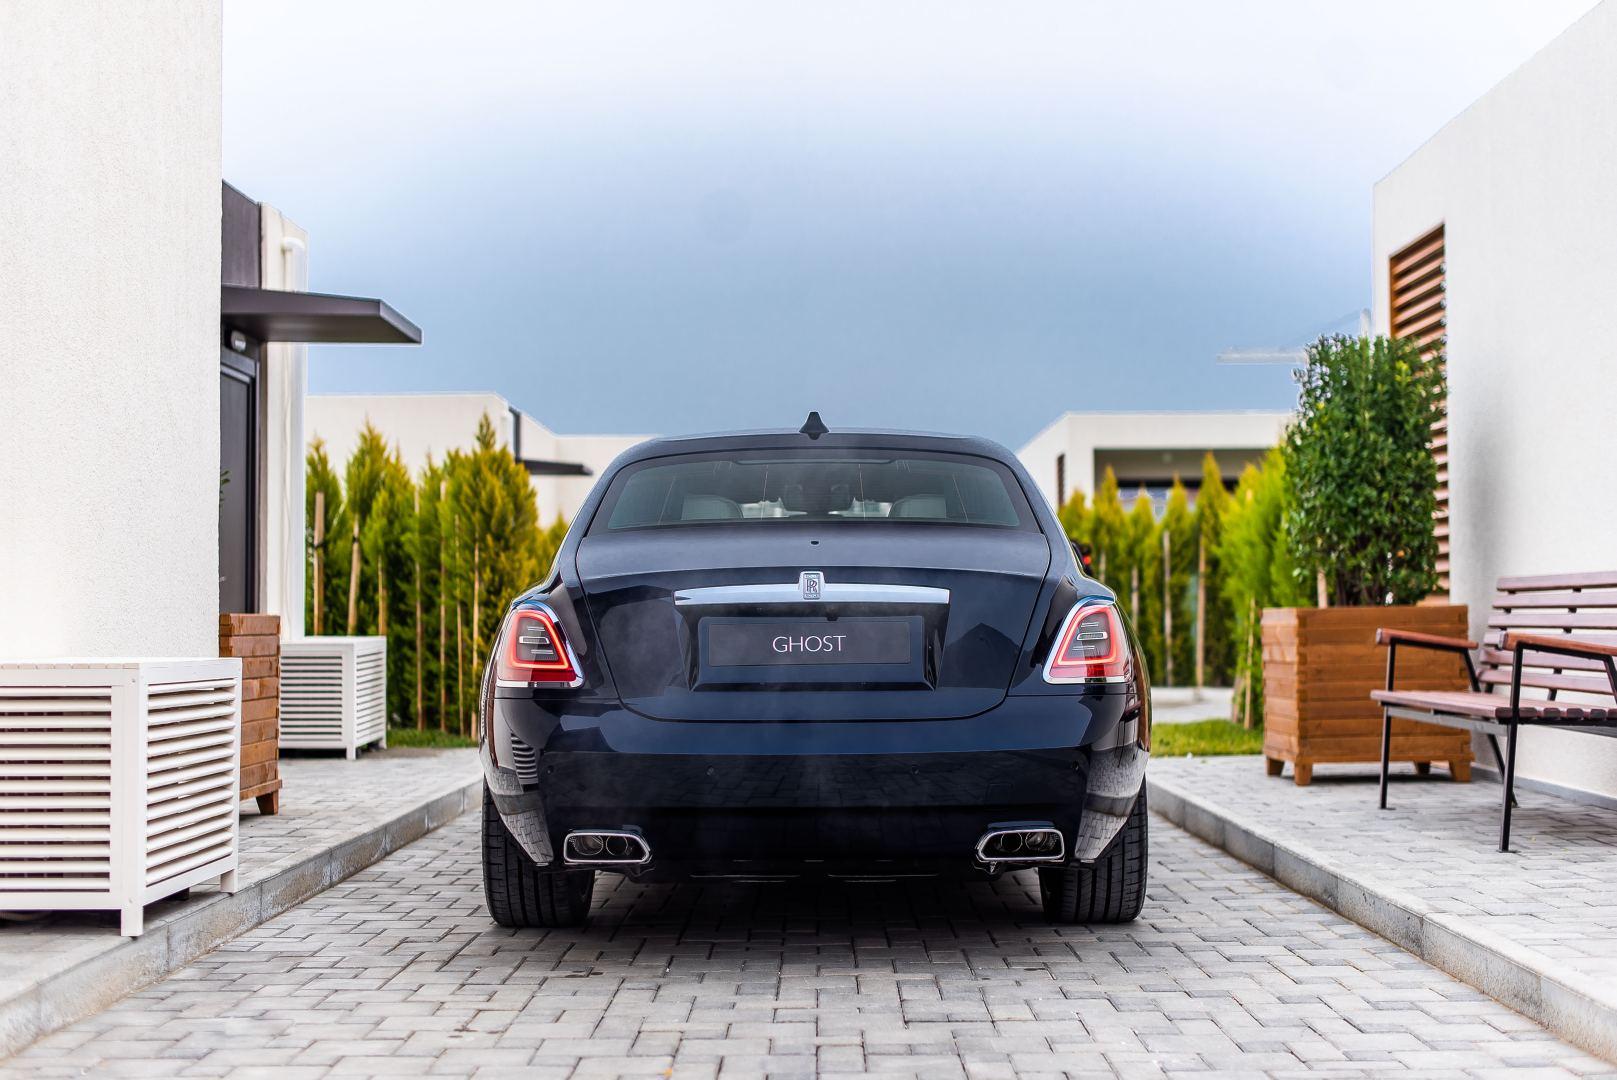 Совершенство в простоте Improtex Motors представил новый Rolls-Royce Ghost (ФОТО) - Gallery Image